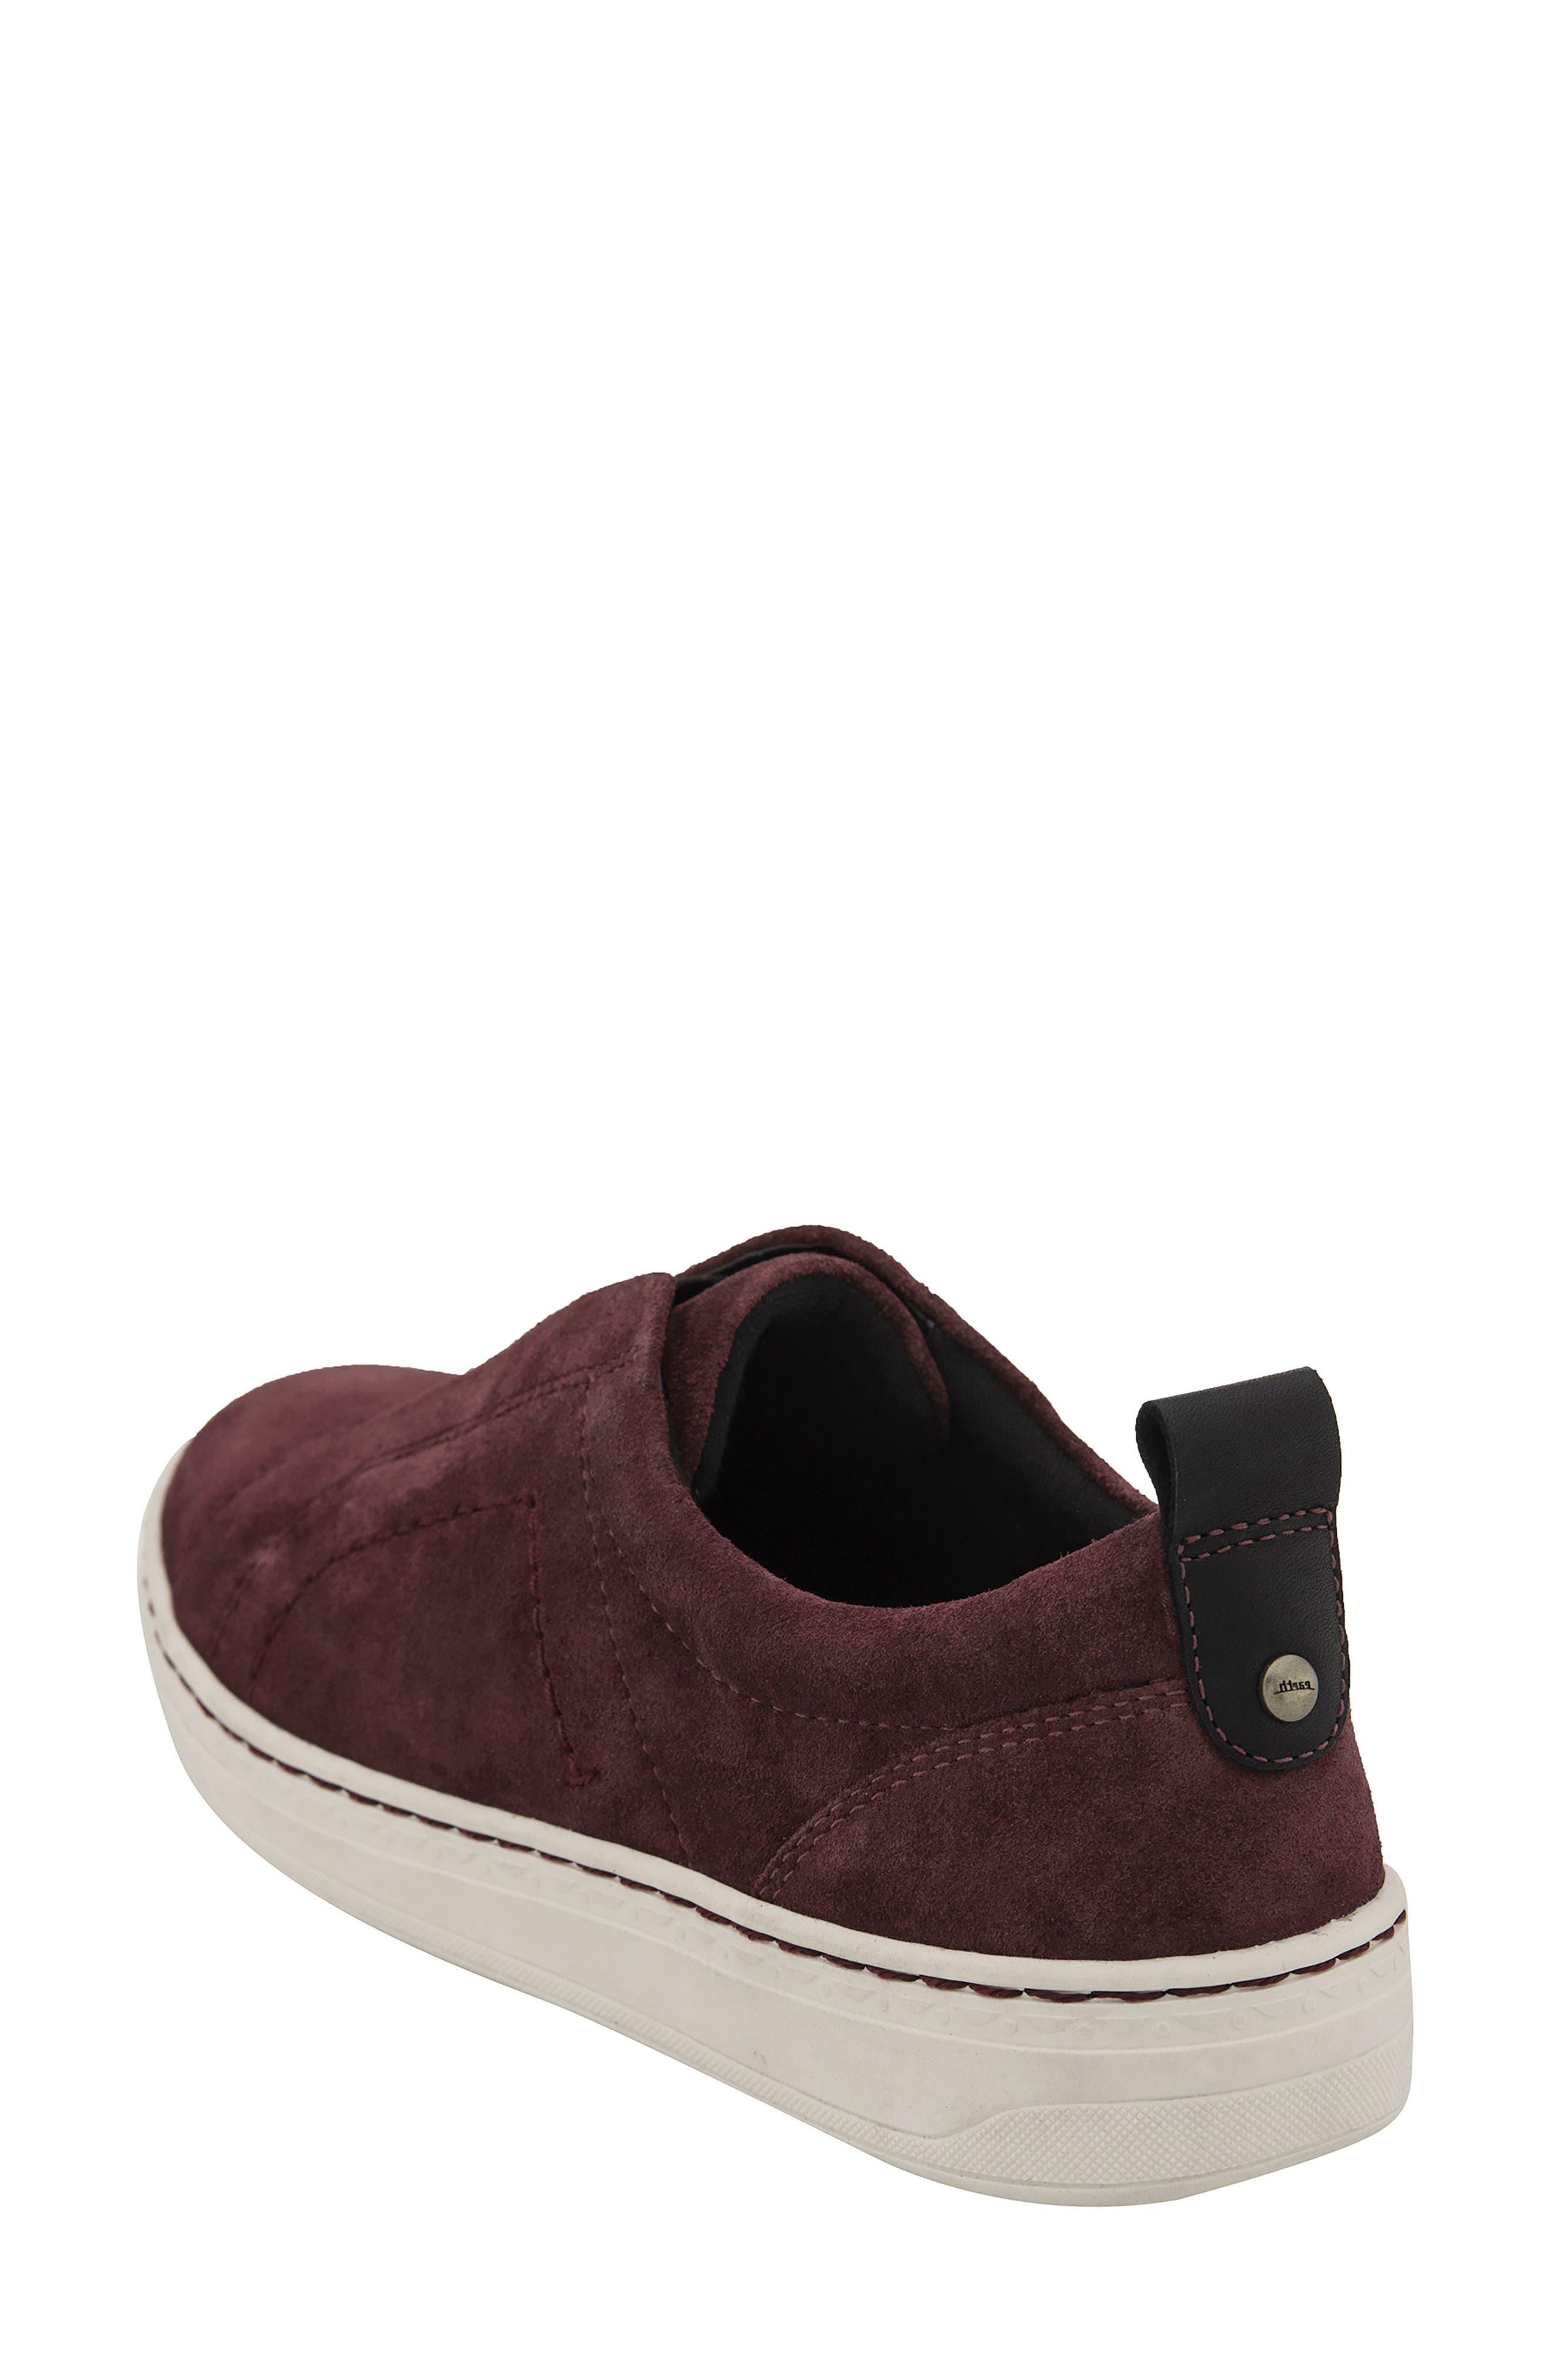 Zetta Slip-On Sneaker,                             Alternate thumbnail 6, color,